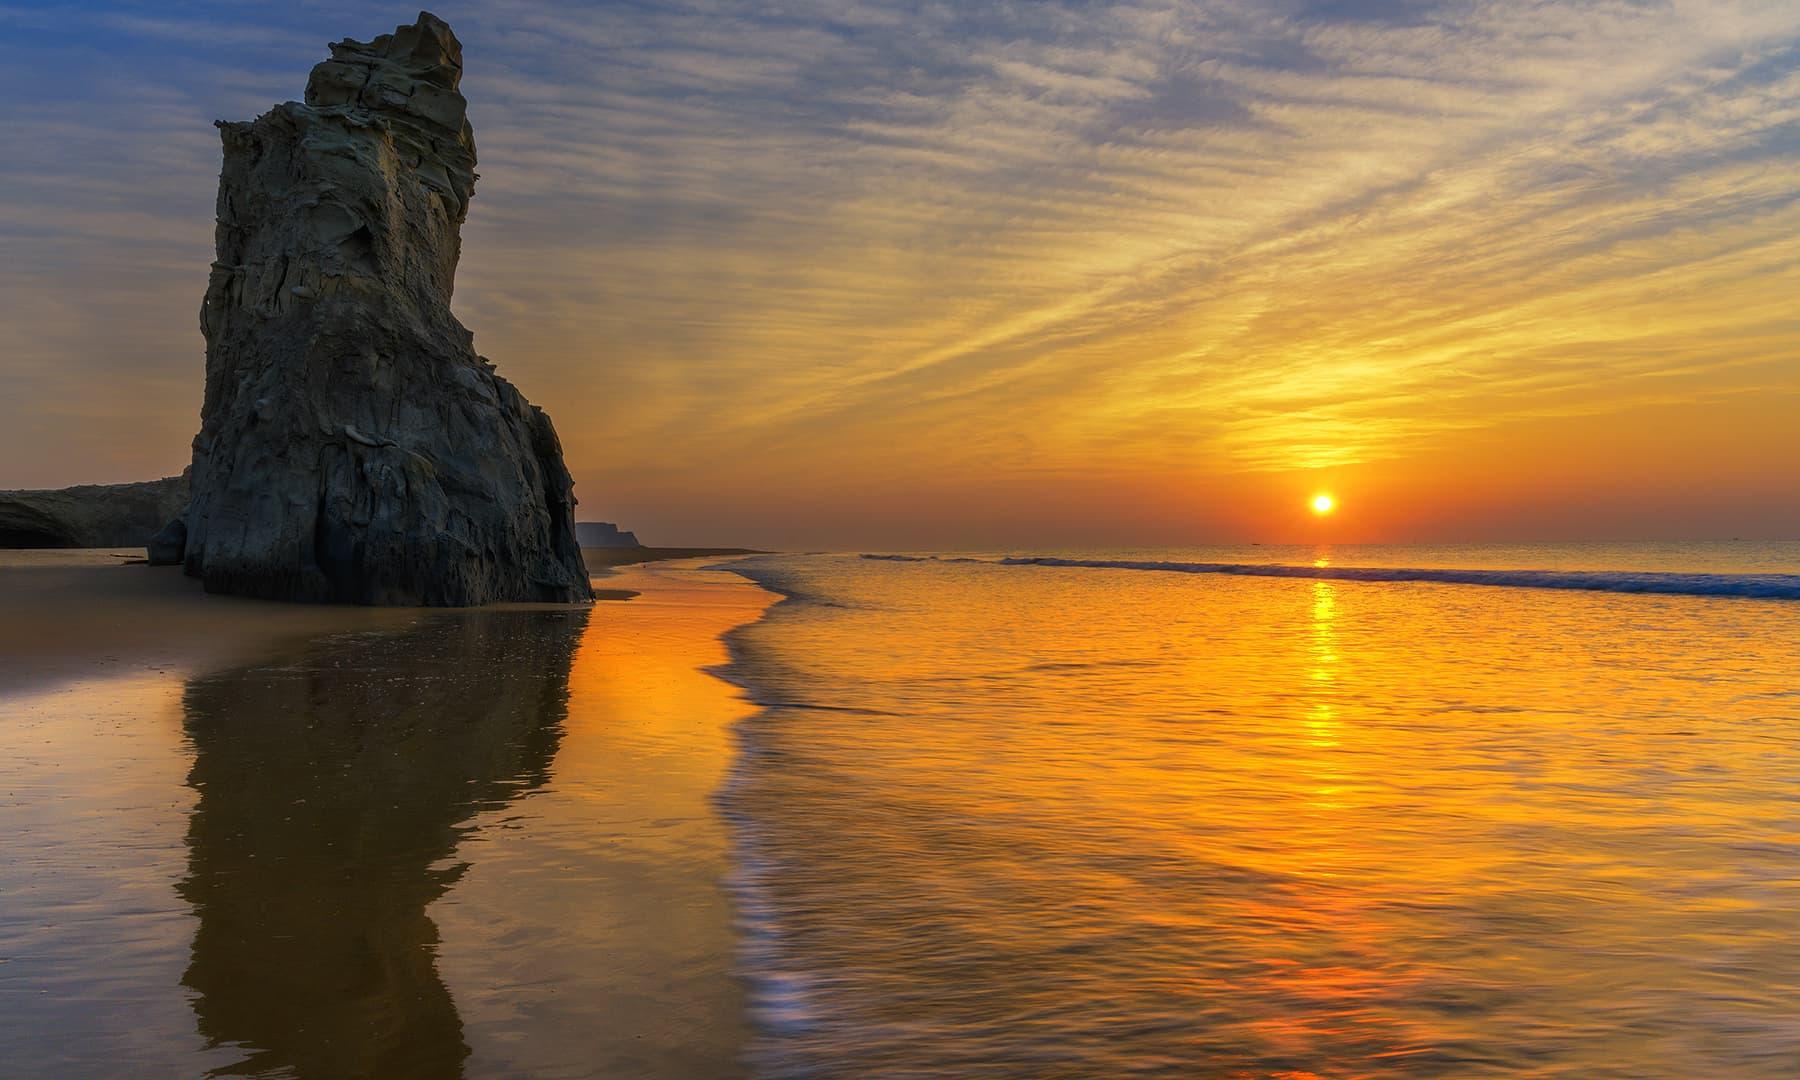 Snap beach - Syed Mahdi Bukhari